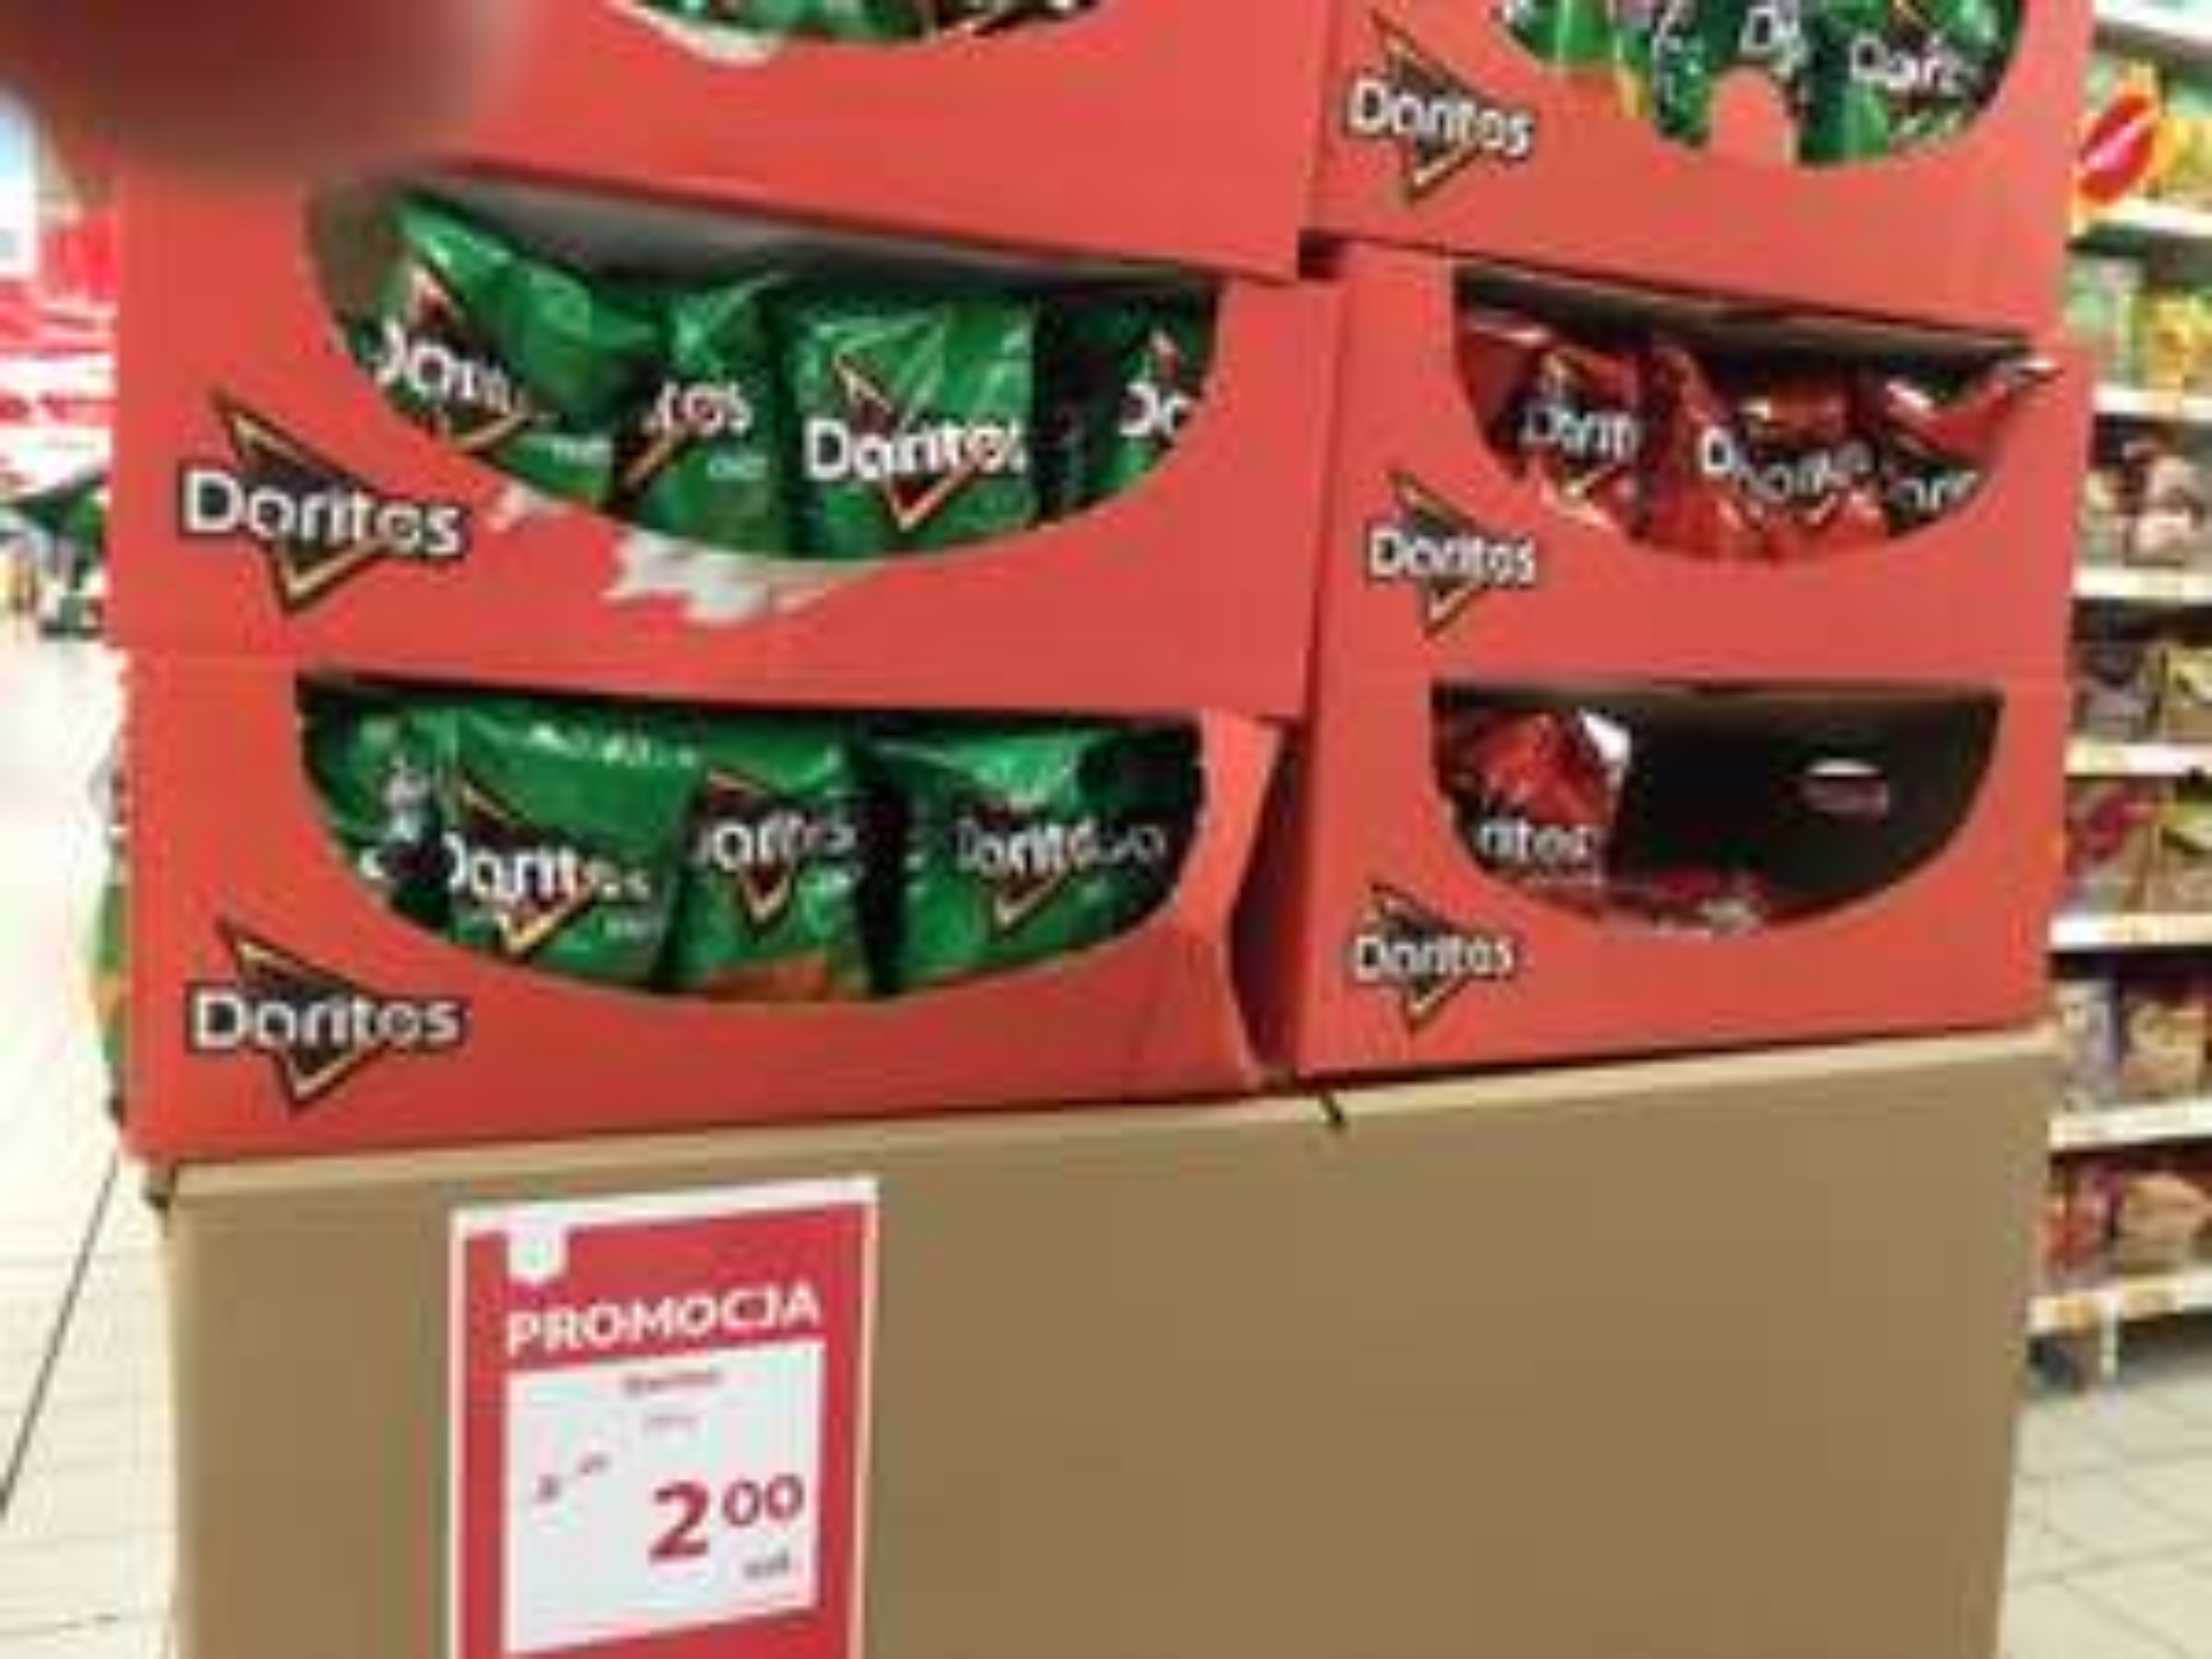 Doritos 100g Auchan